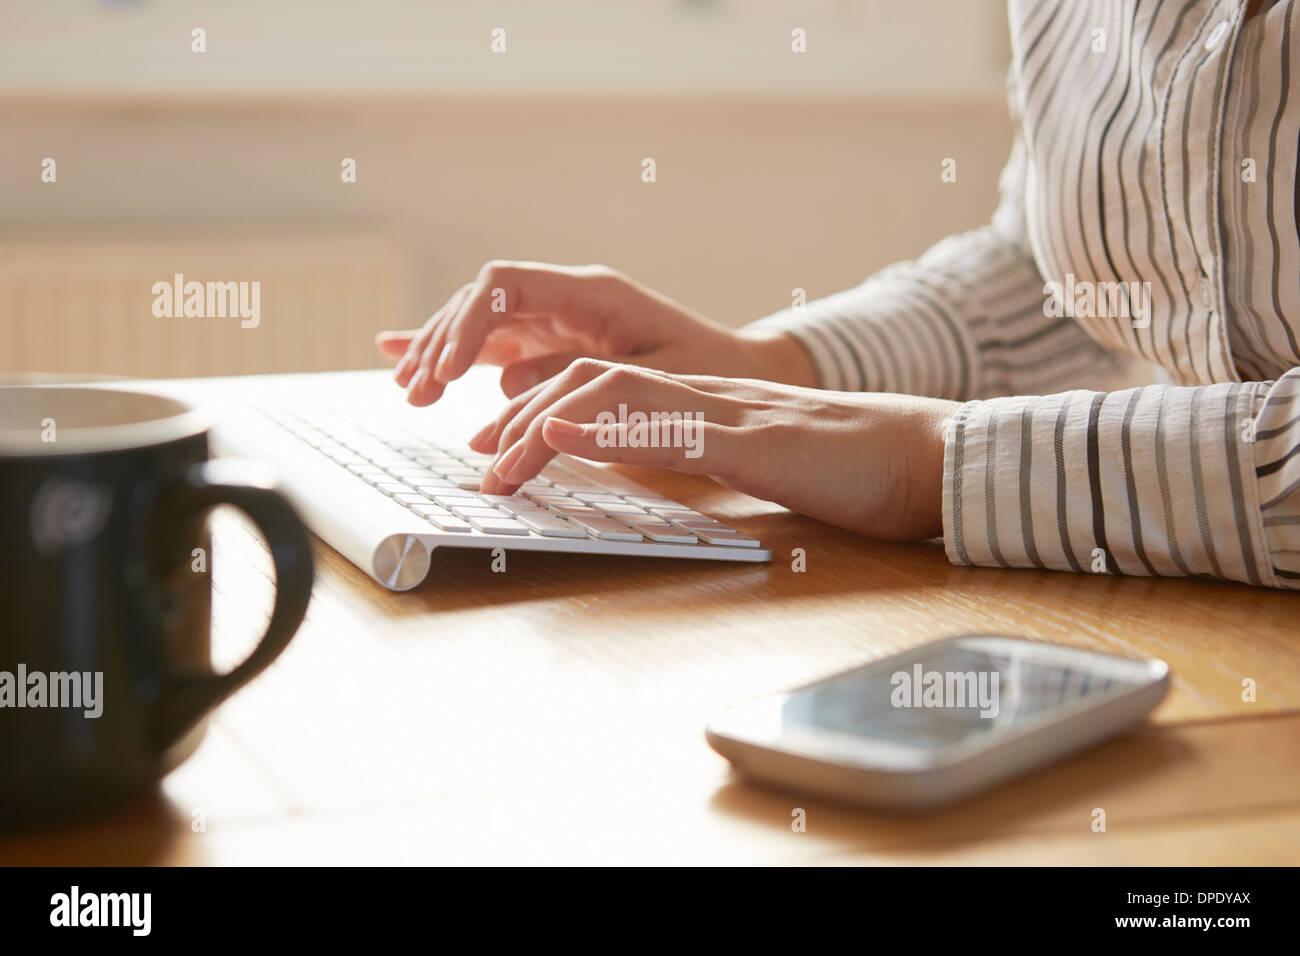 Imagen recortada de mujer escribiendo en el teclado inalámbrico Imagen De Stock